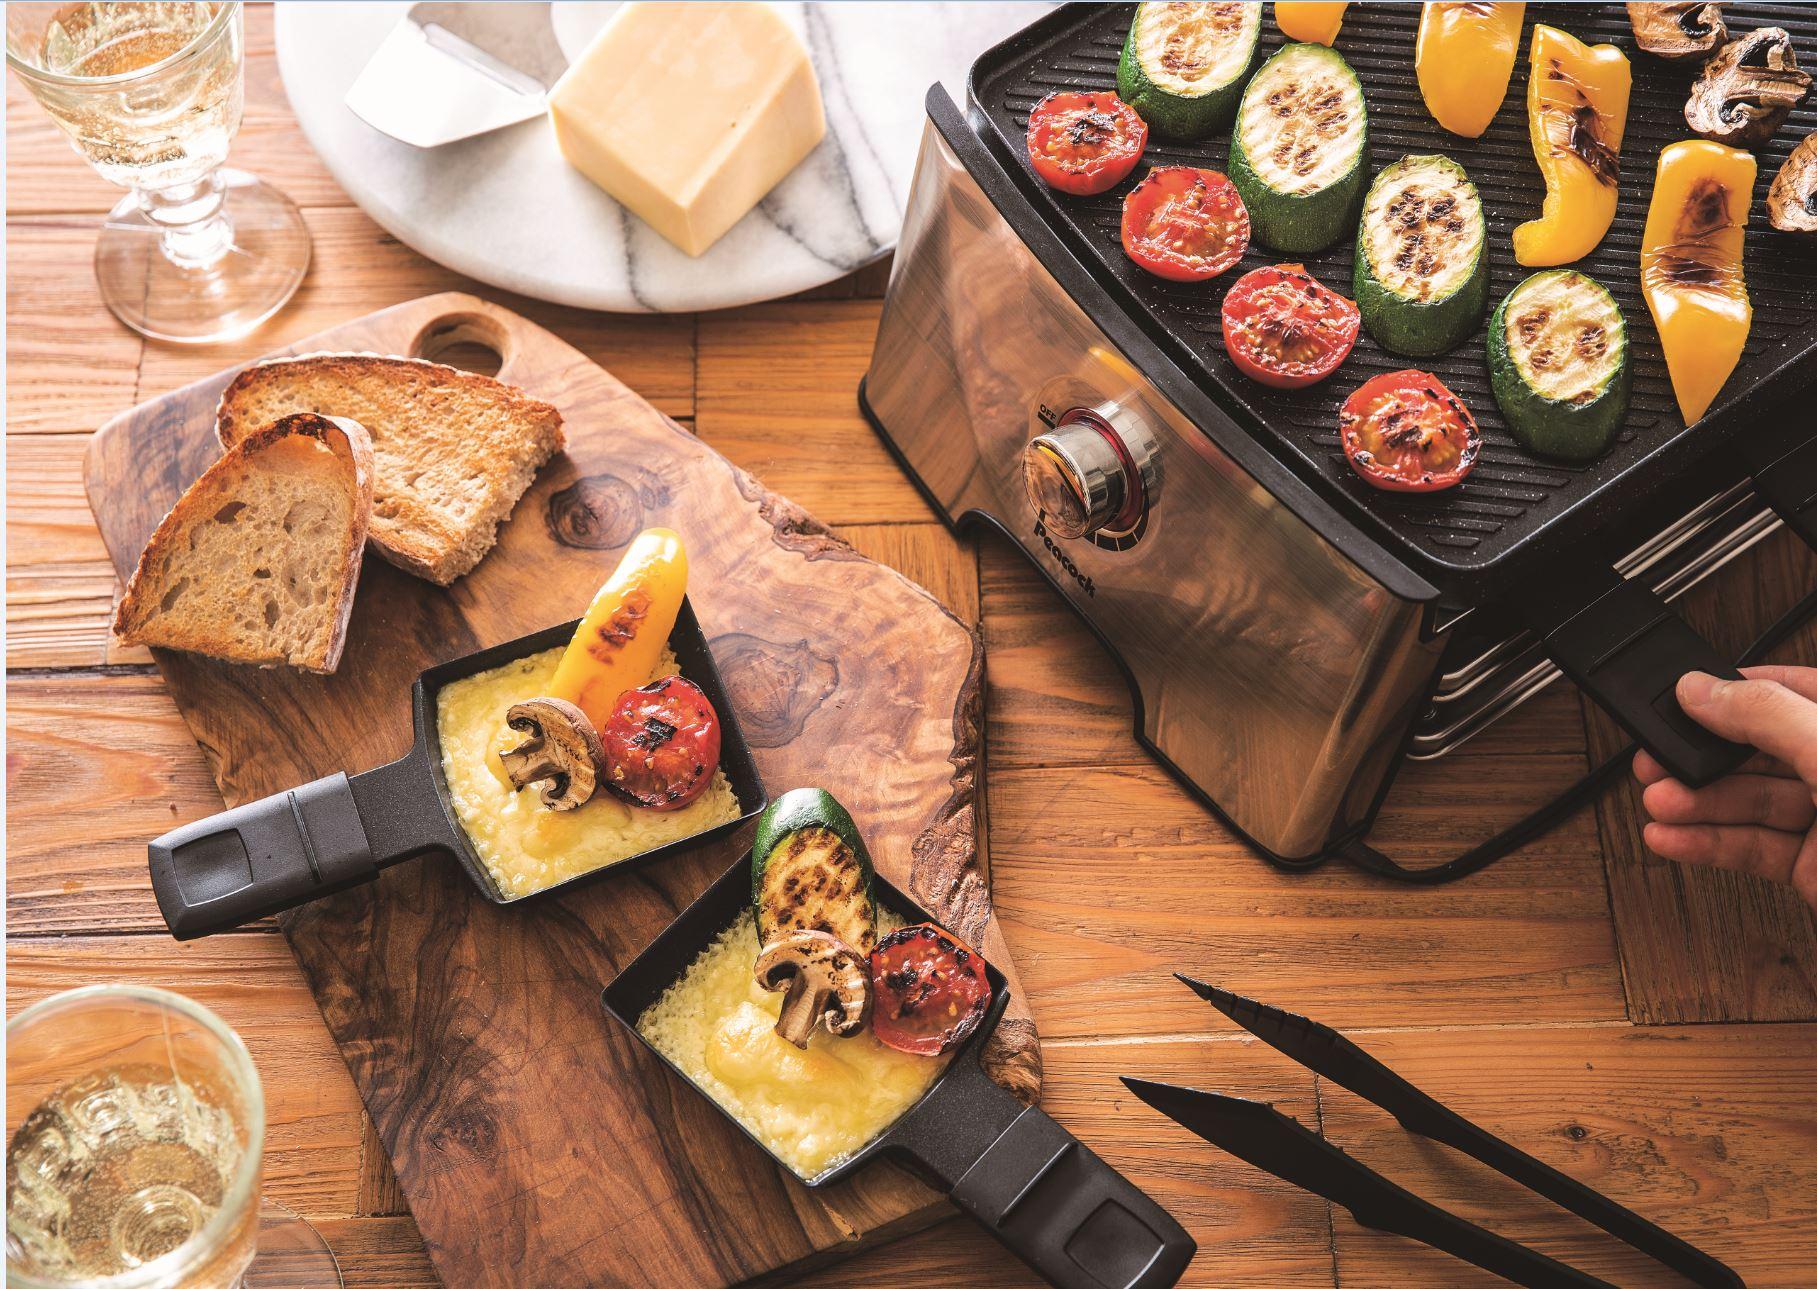 ラクレットも焼肉もこれひとつでおいしく楽しくできる♪ピーコック魔法瓶「ホームパーティーグリル WRV-13」のモニター募集!